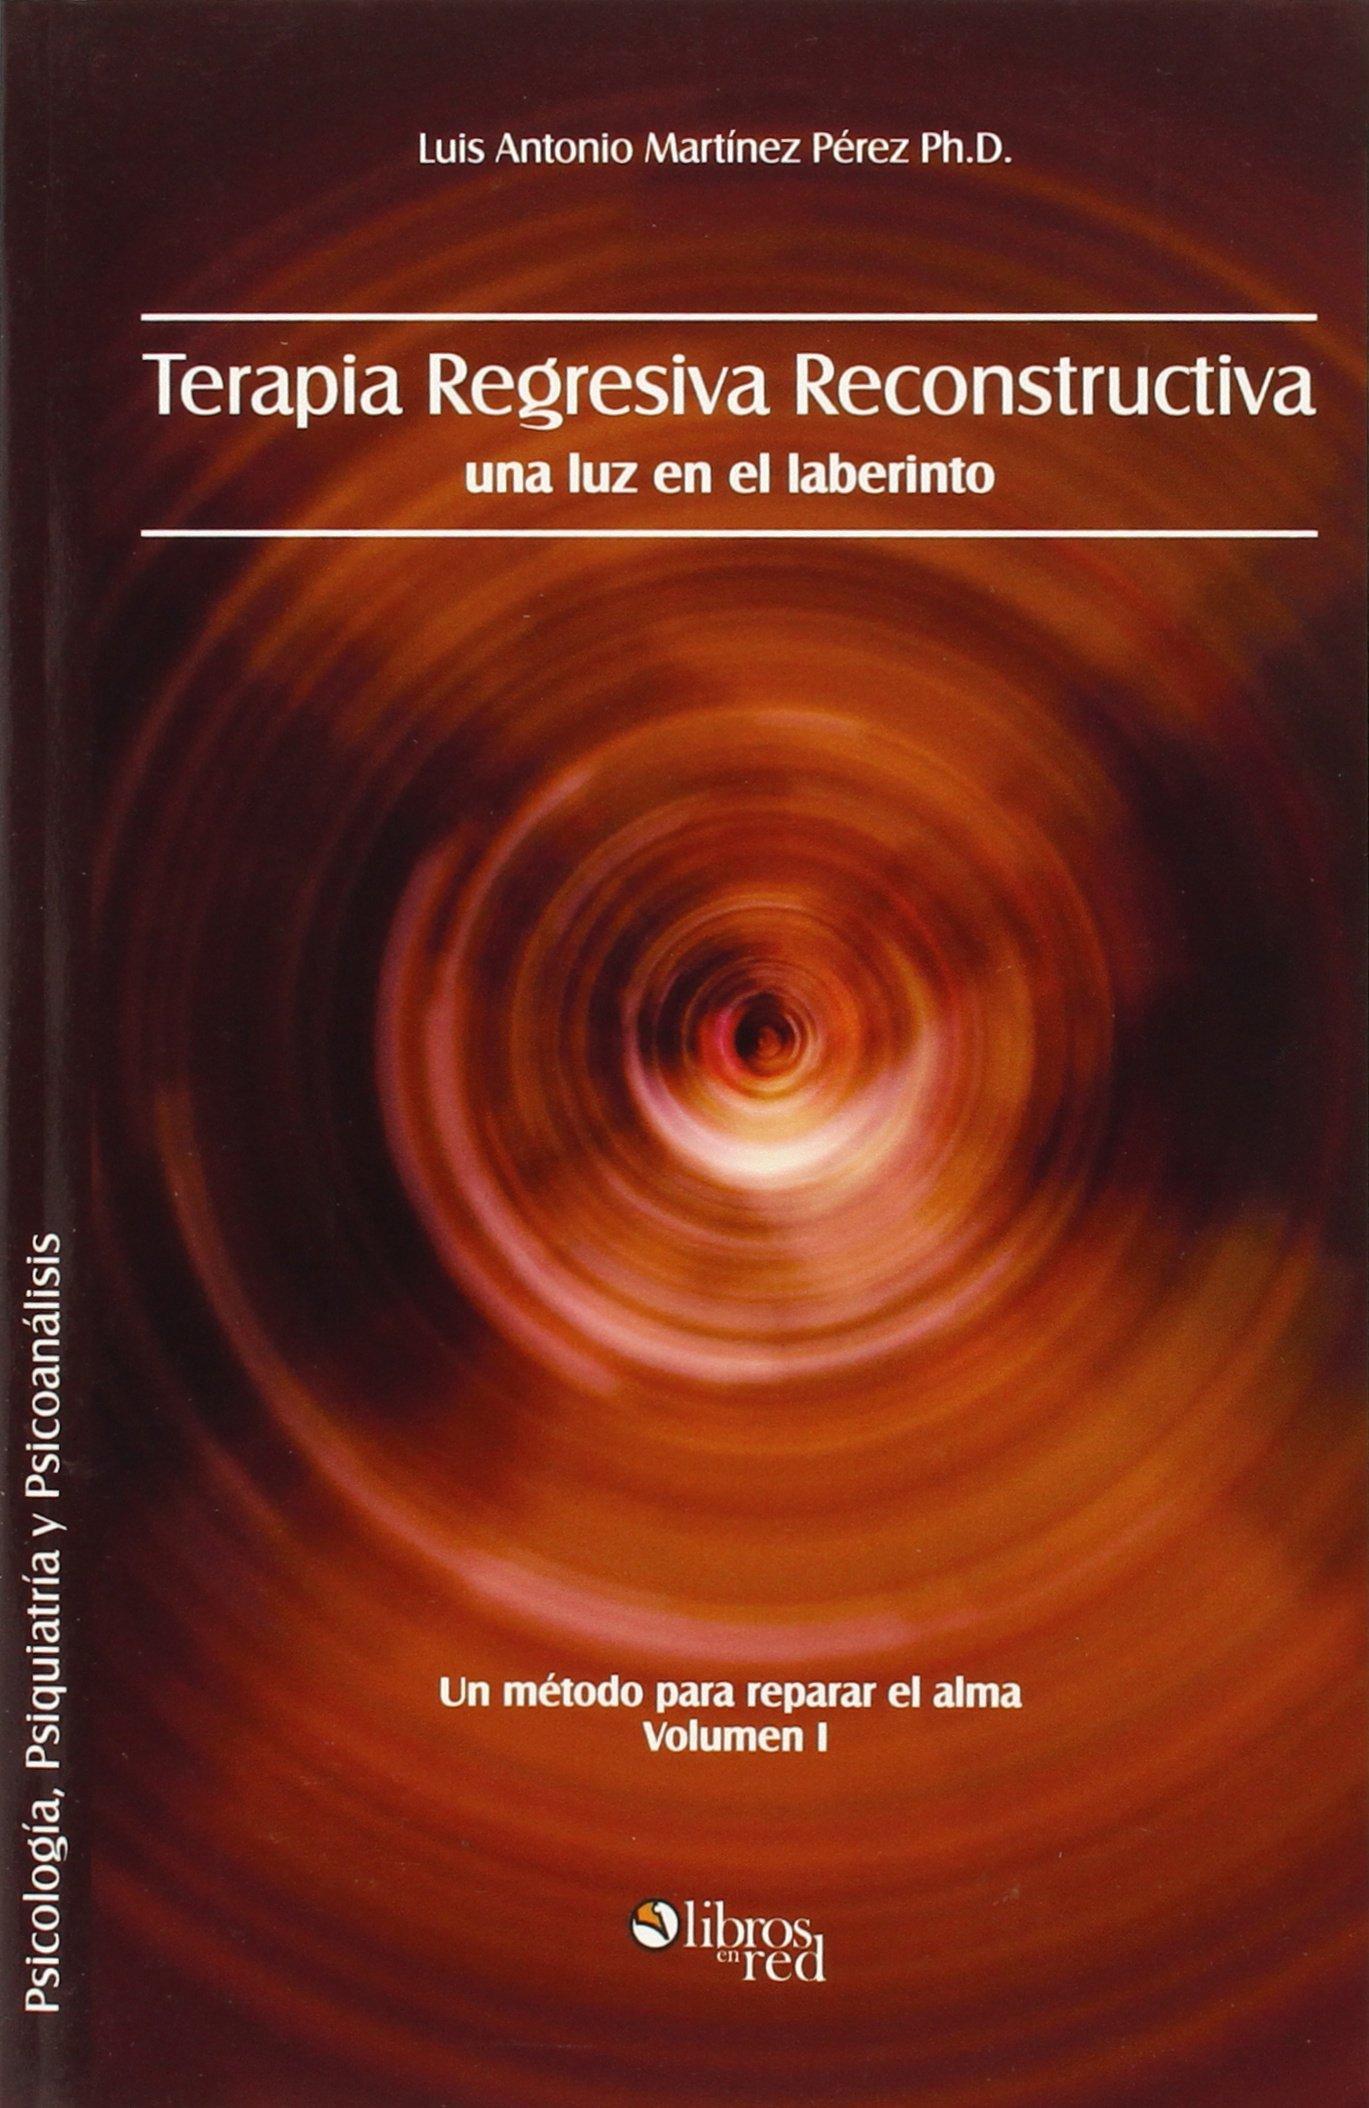 Terapia Regresiva Reconstructiva: Una Luz En El Laberinto. Un Metodo Para Reparar El Alma. Volumen I (Spanish Edition) pdf